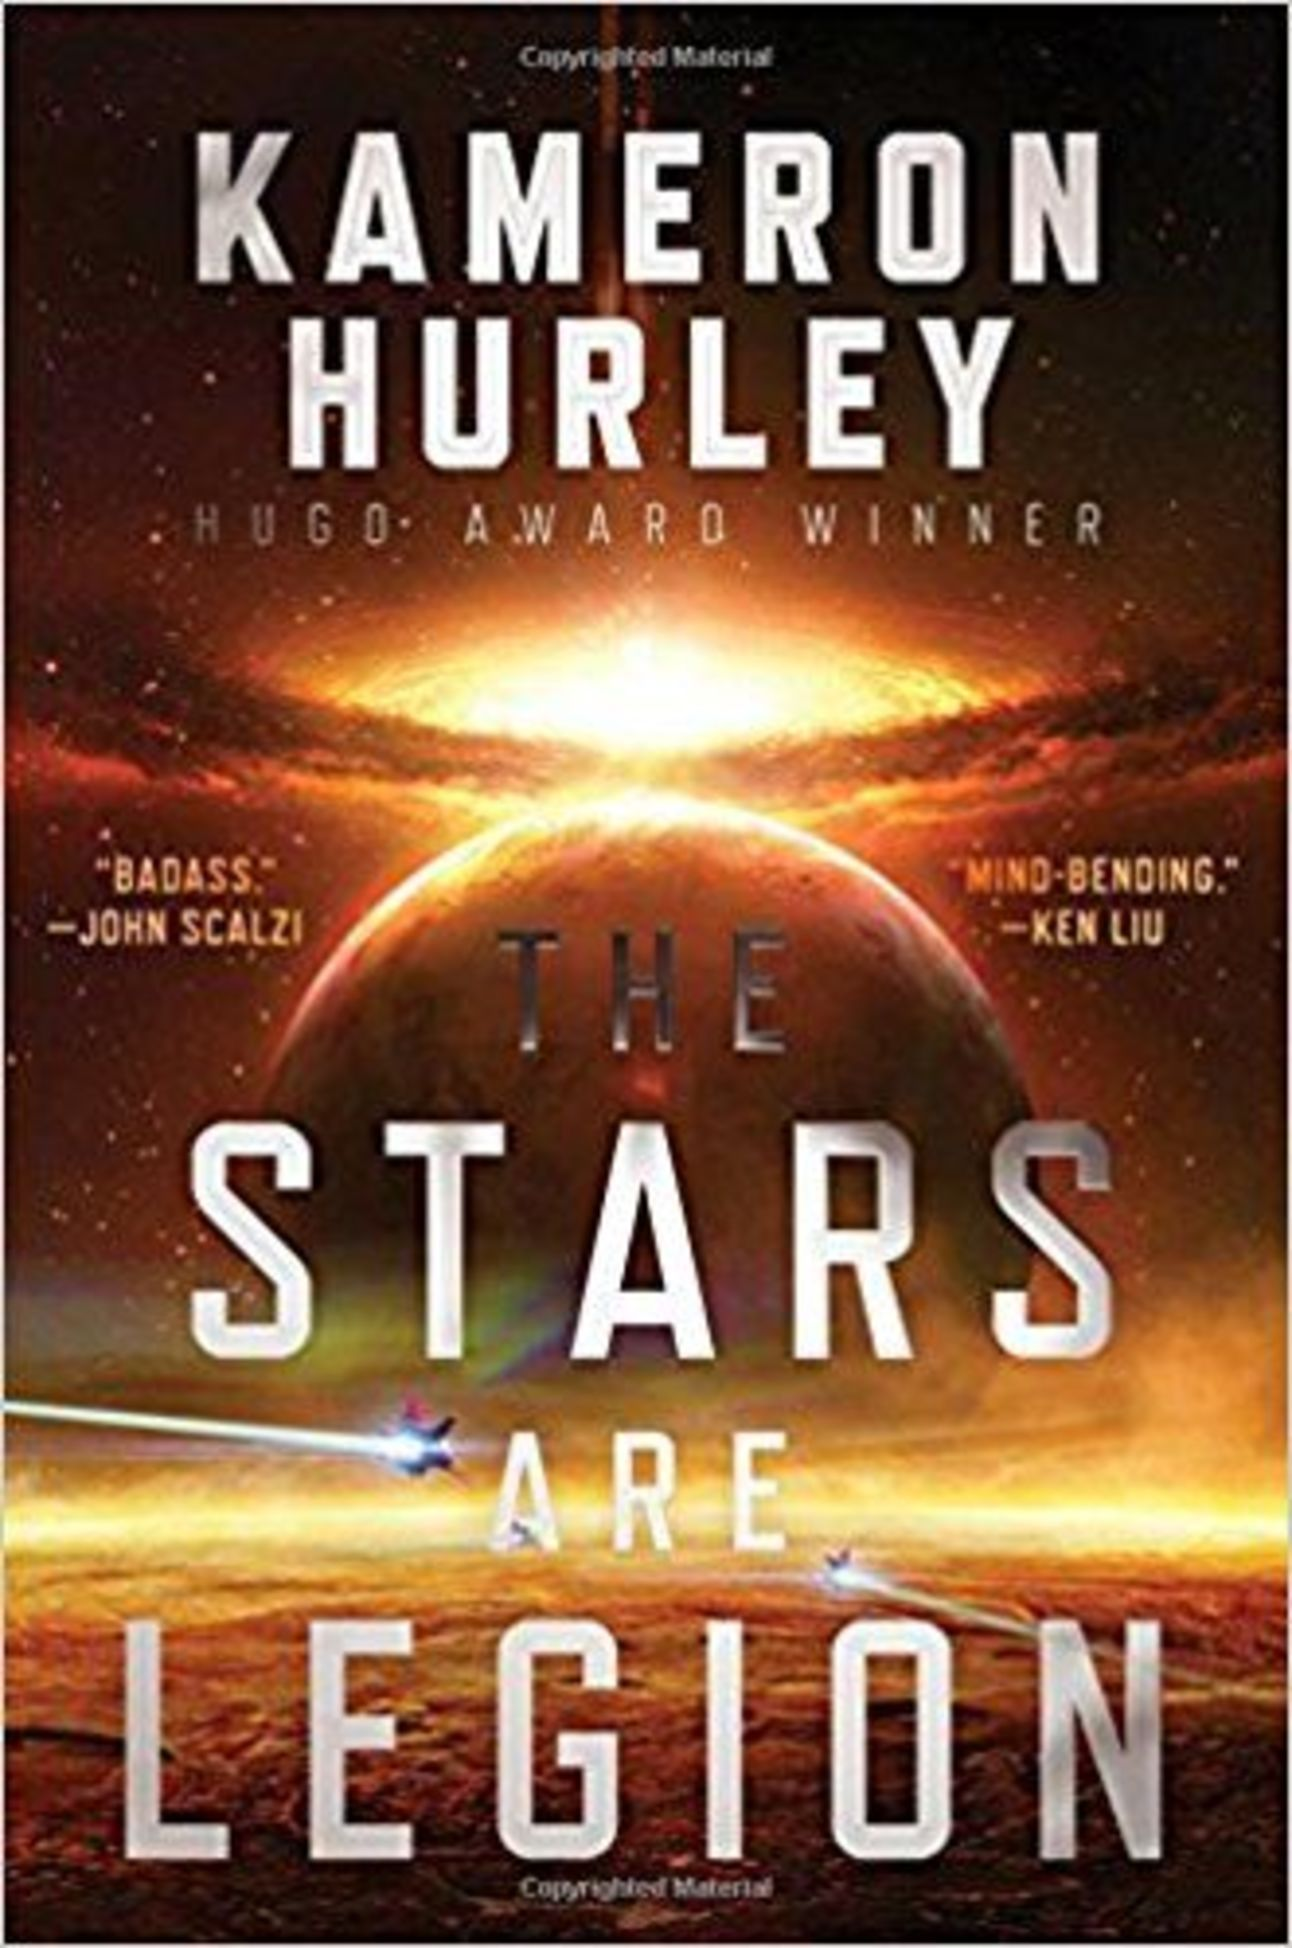 stars-are-legion-book-cover